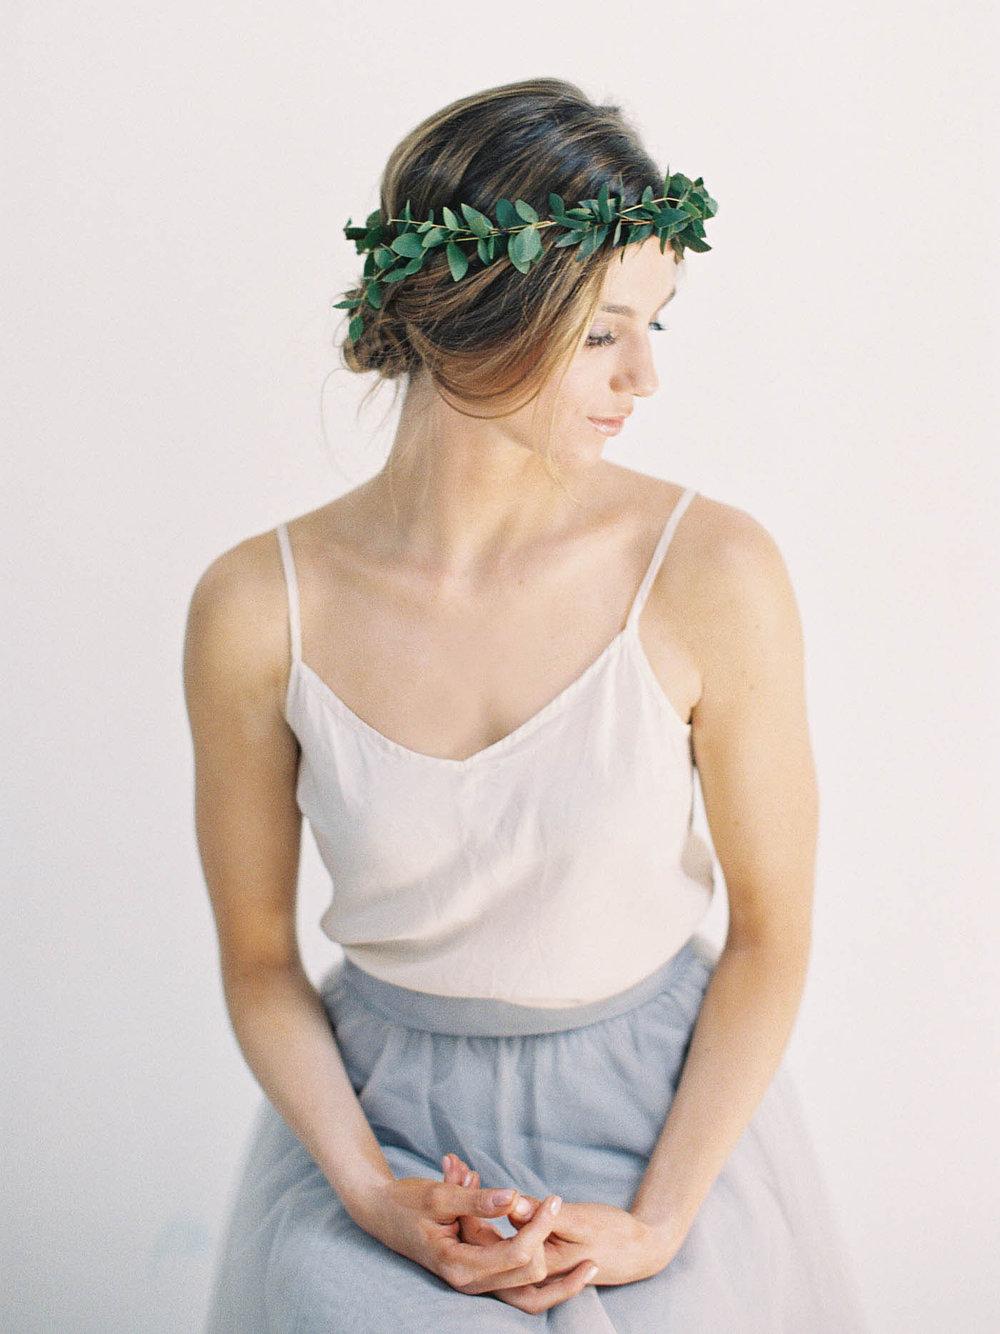 floral-crown-11-Jen_Huang-006838-R1-E027-V2.jpg